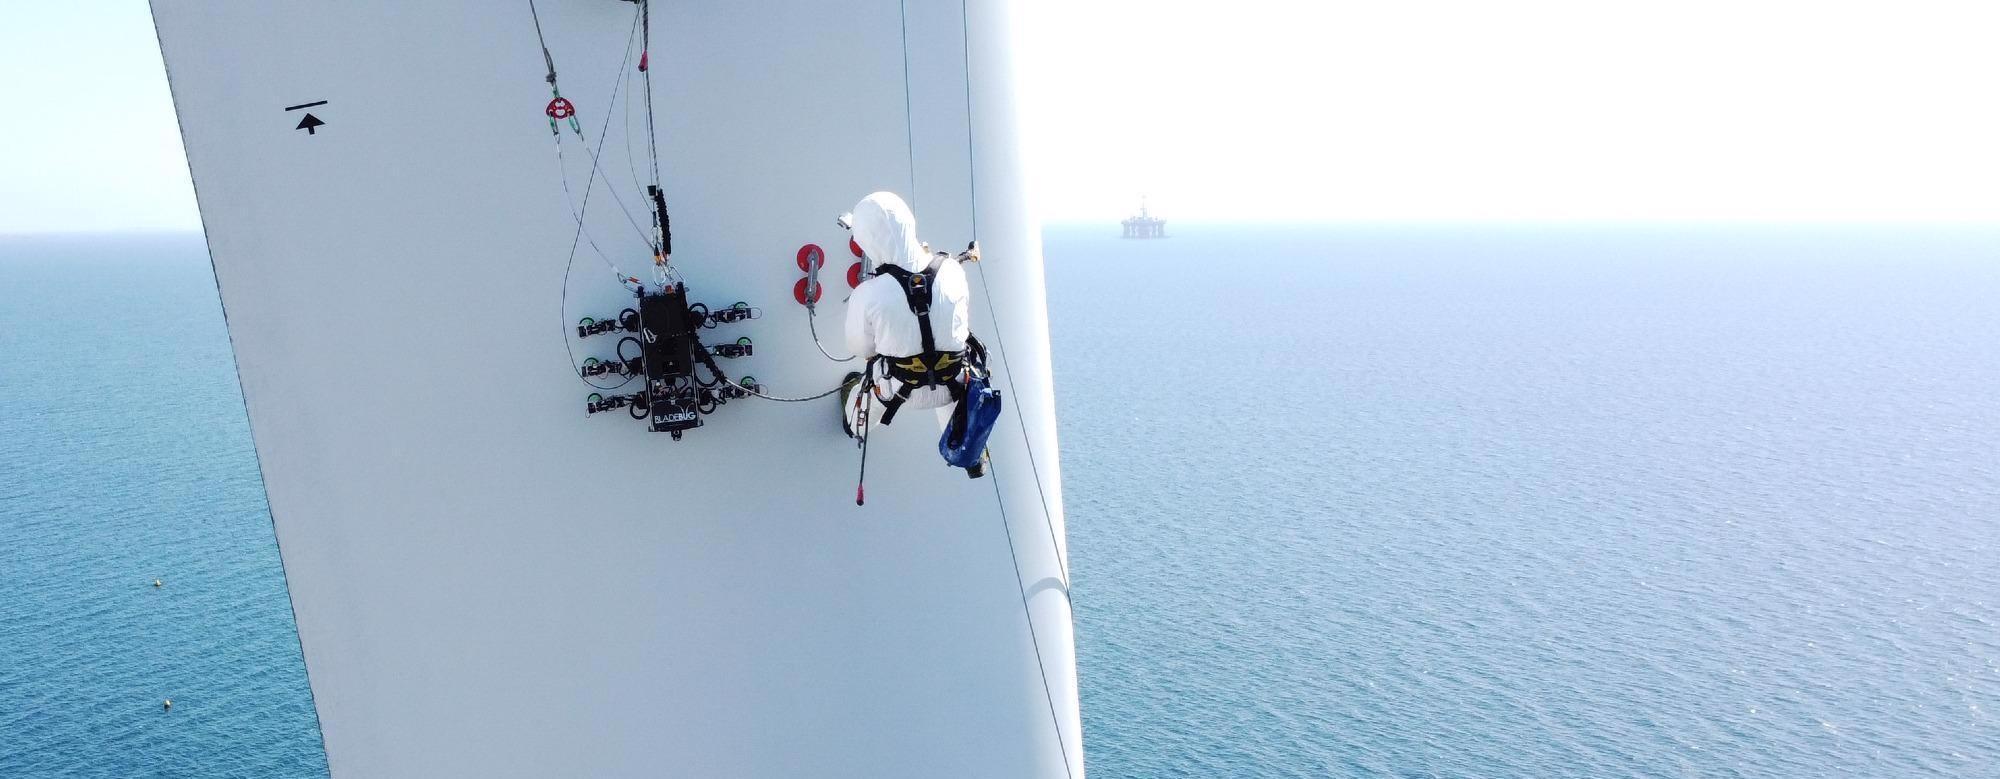 """英国技术先锋联合力量为风力部门的""""数百万计""""螺栓机器人解决方案"""